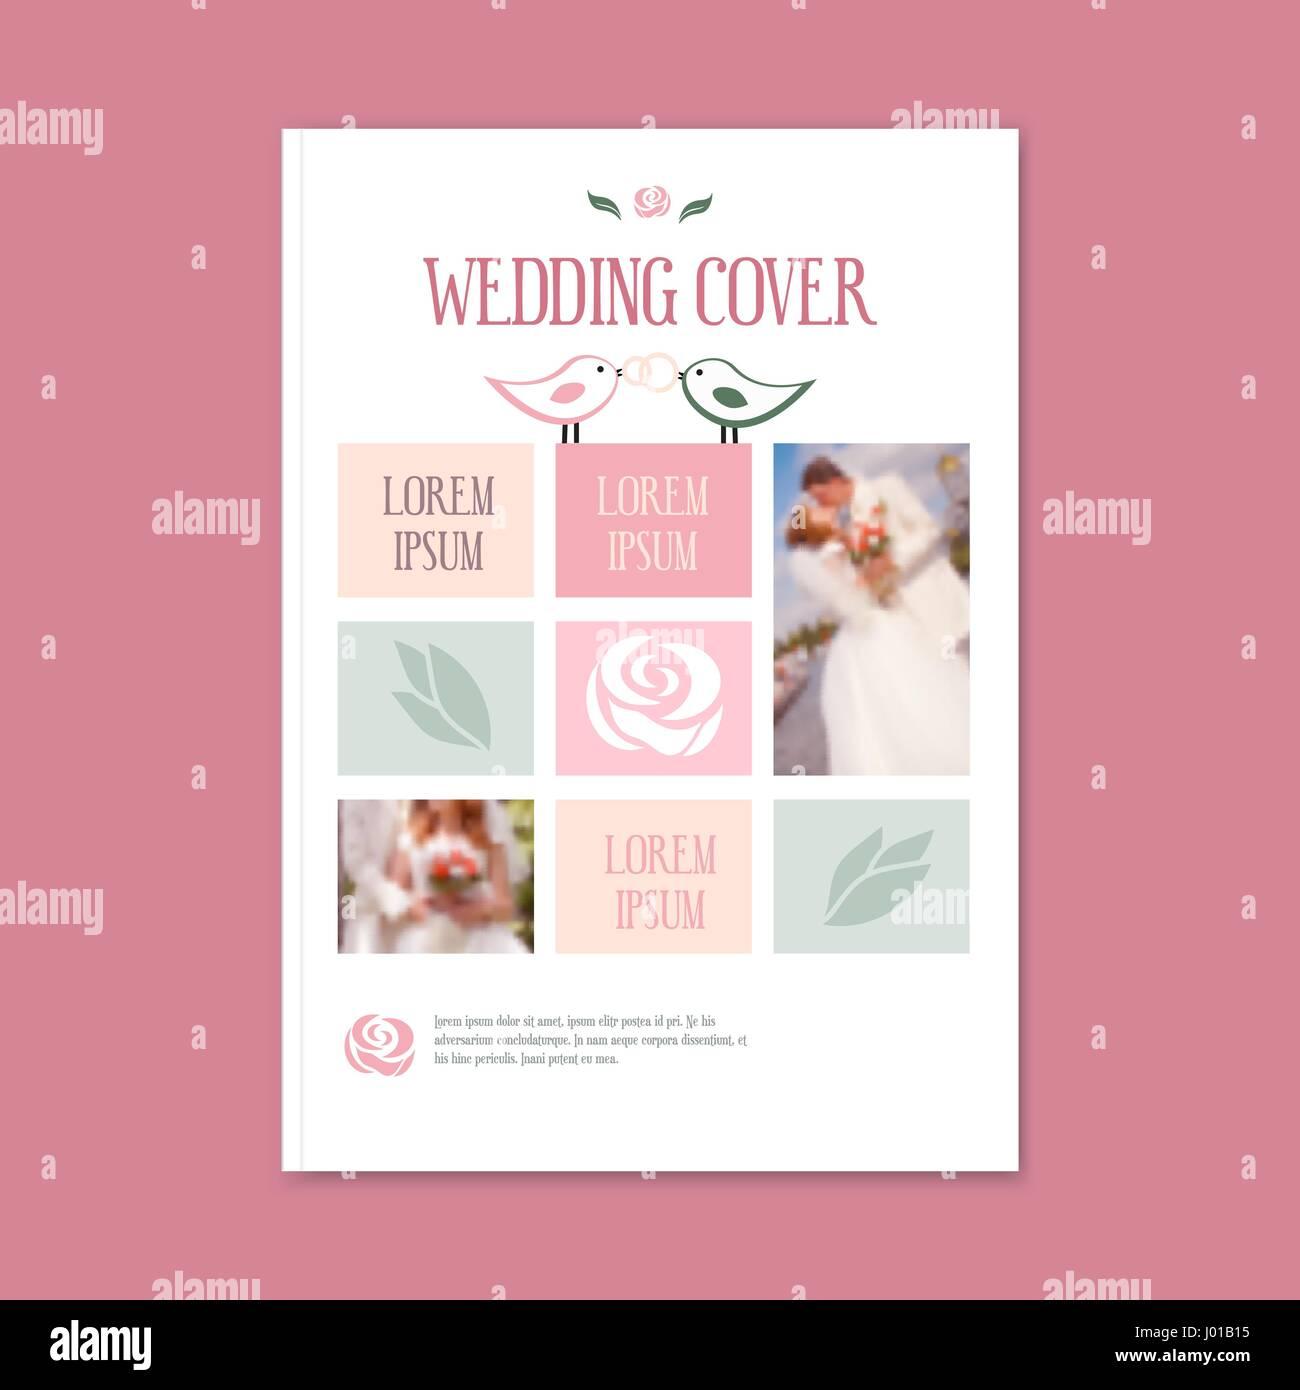 Vektor Hochzeit Vorlage Abdeckung Broschure Das Cover Der Broschure